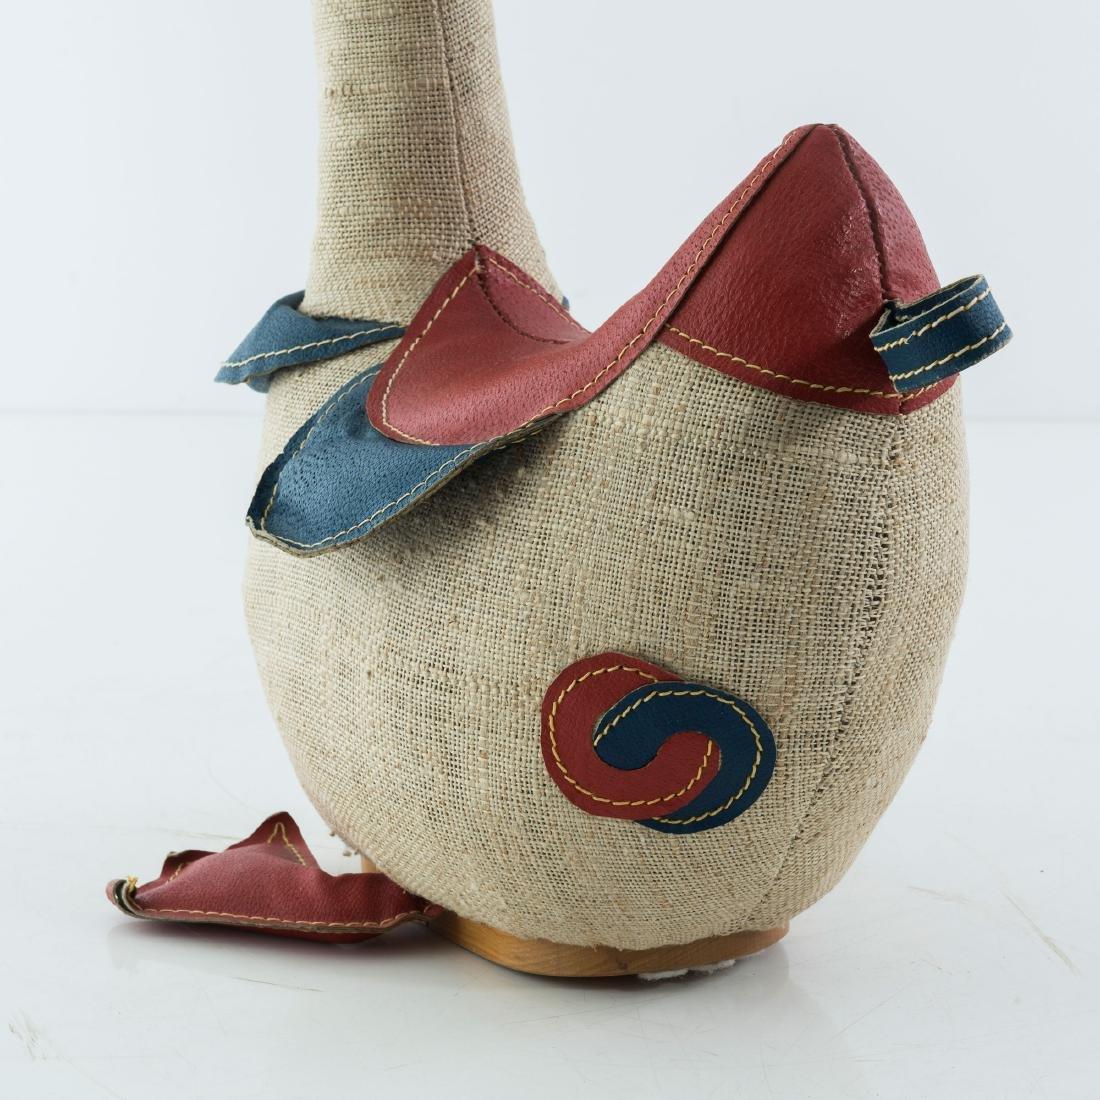 'Duck', 1967 - 2